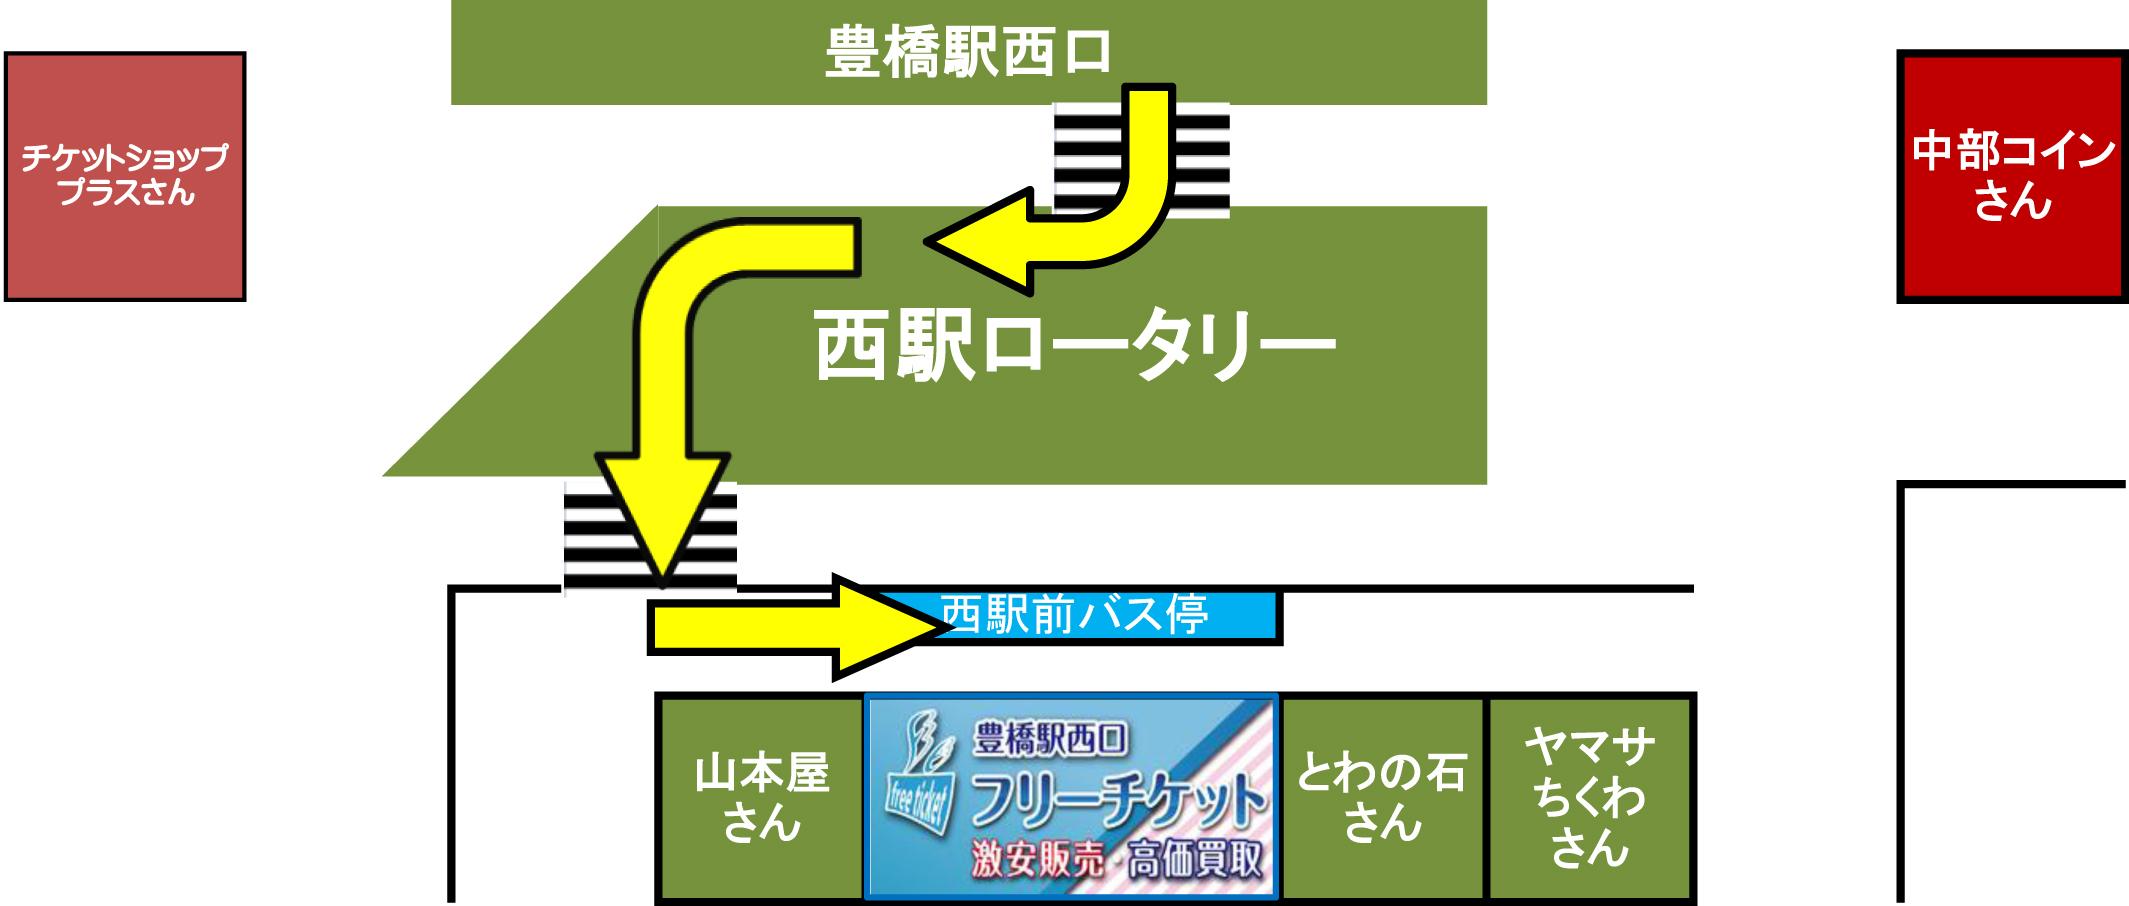 豊橋金券ショップフリーチケット|豊橋駅西口地図